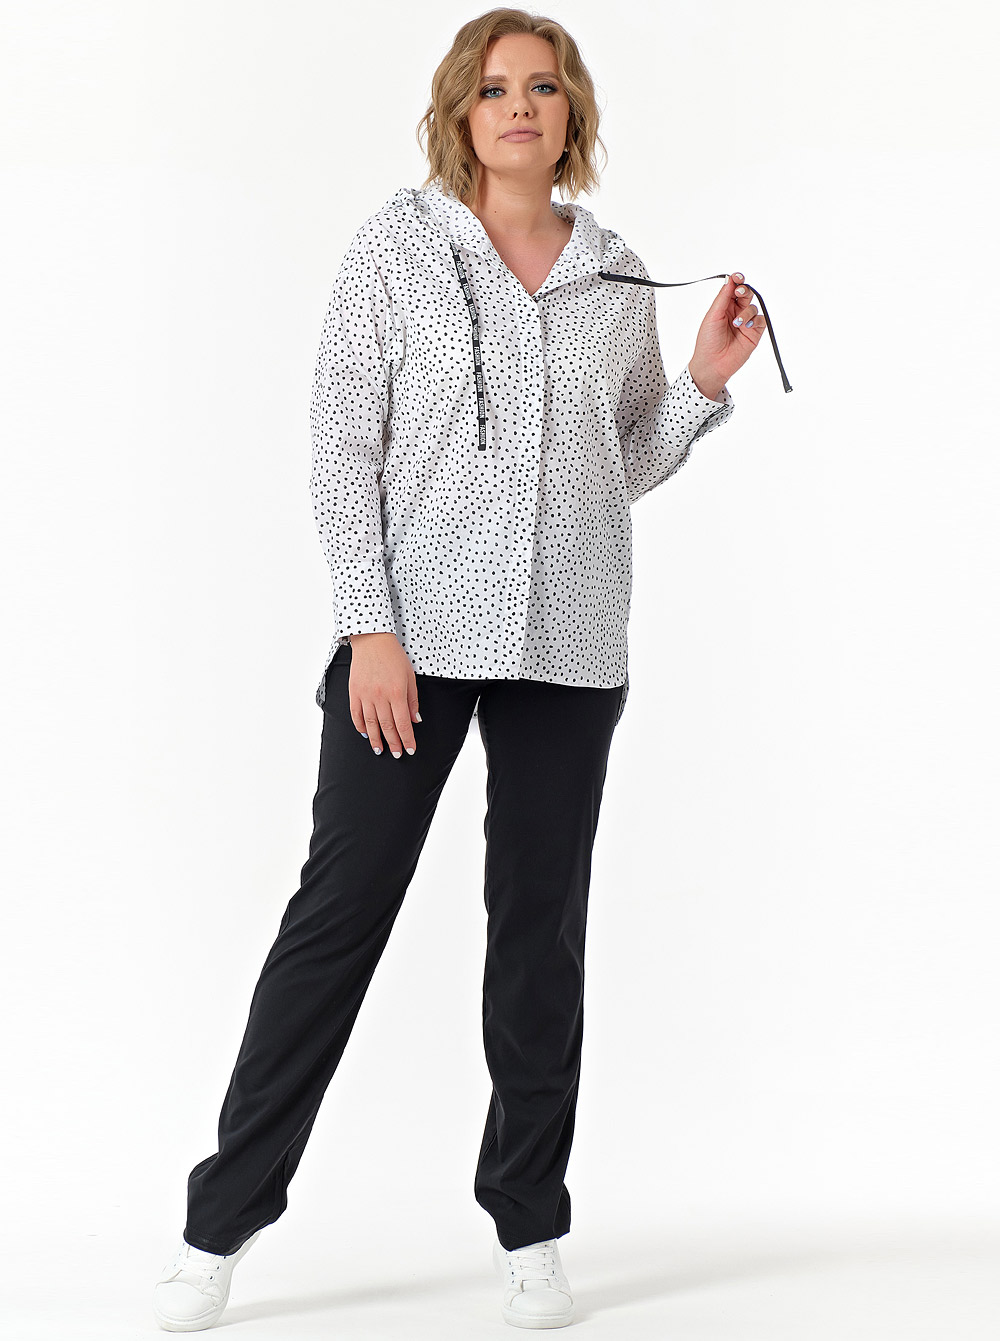 Купить Рубашка 799-915 Diana , цвет: Белый  с доставкой в интернет-магазине Эгерия